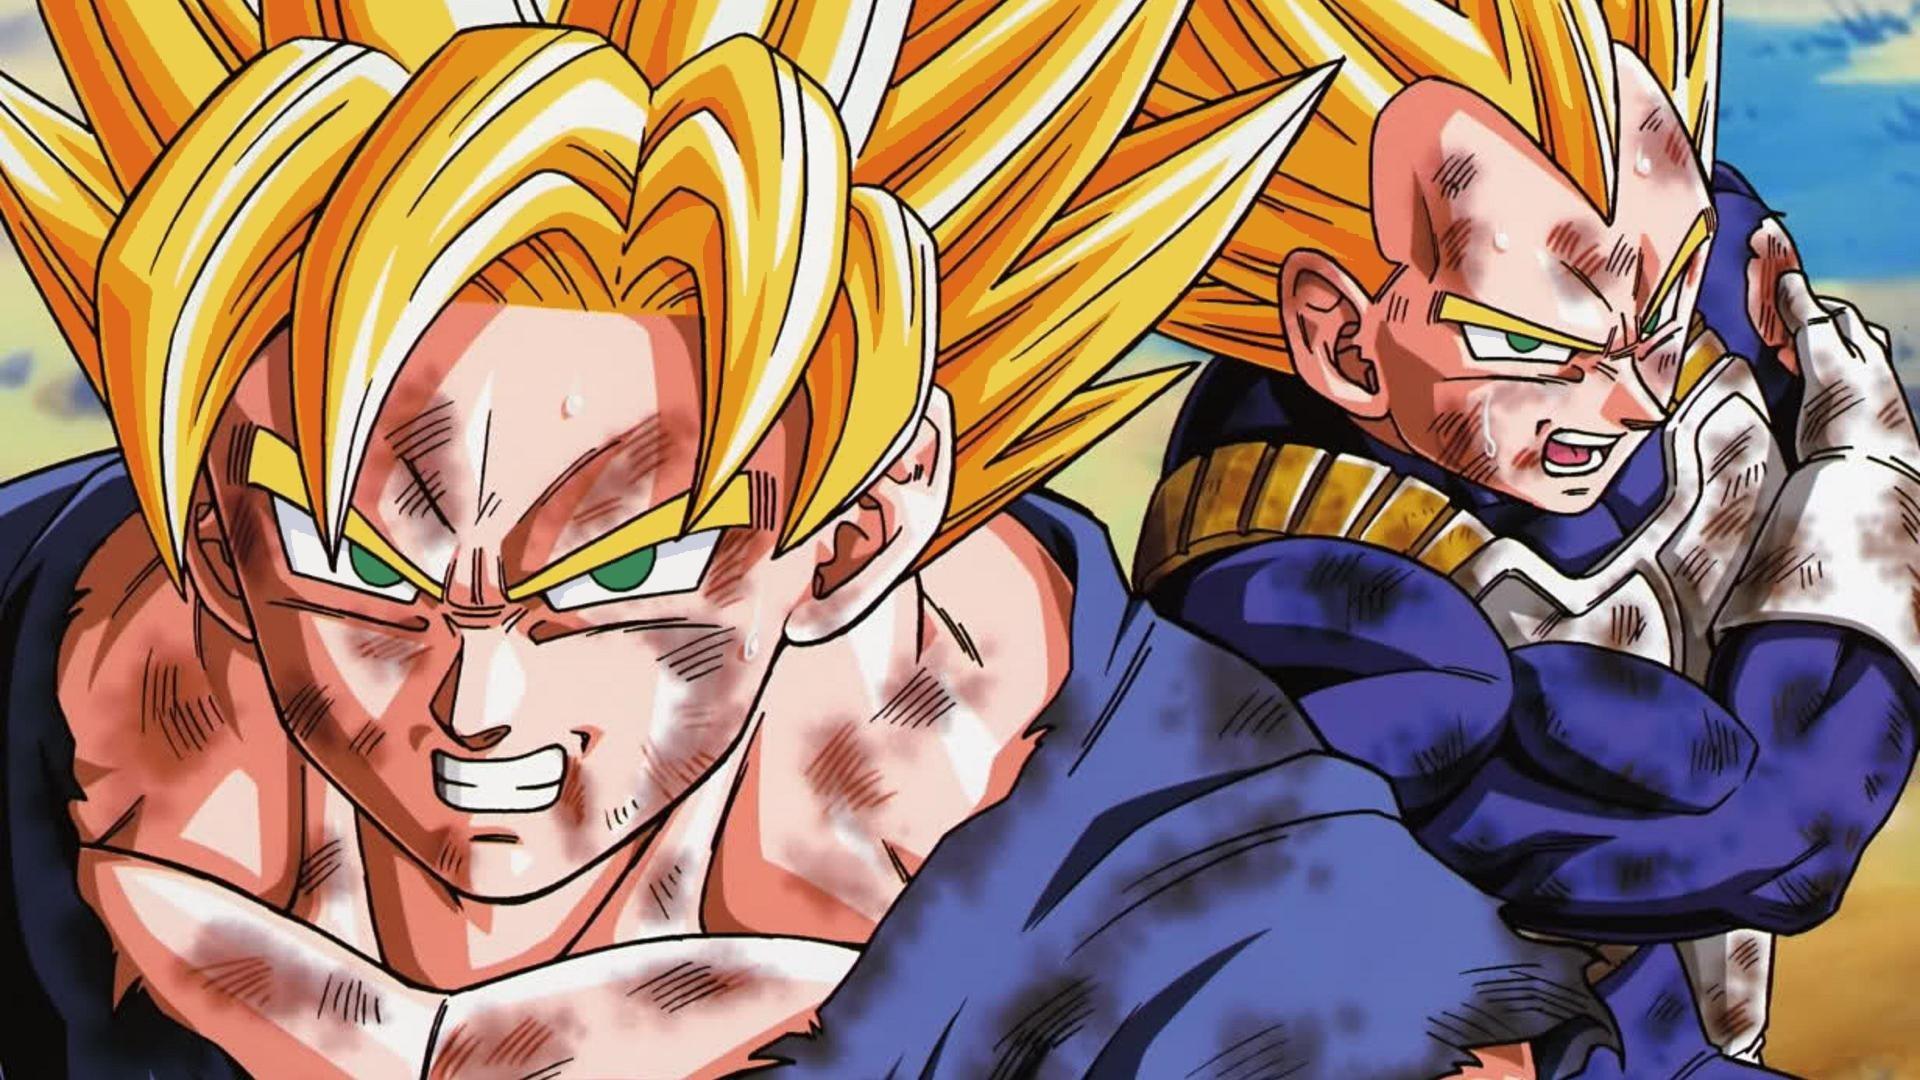 Fondos De Pantalla 1920x1080 Px Dragon Ball Z Son Goku